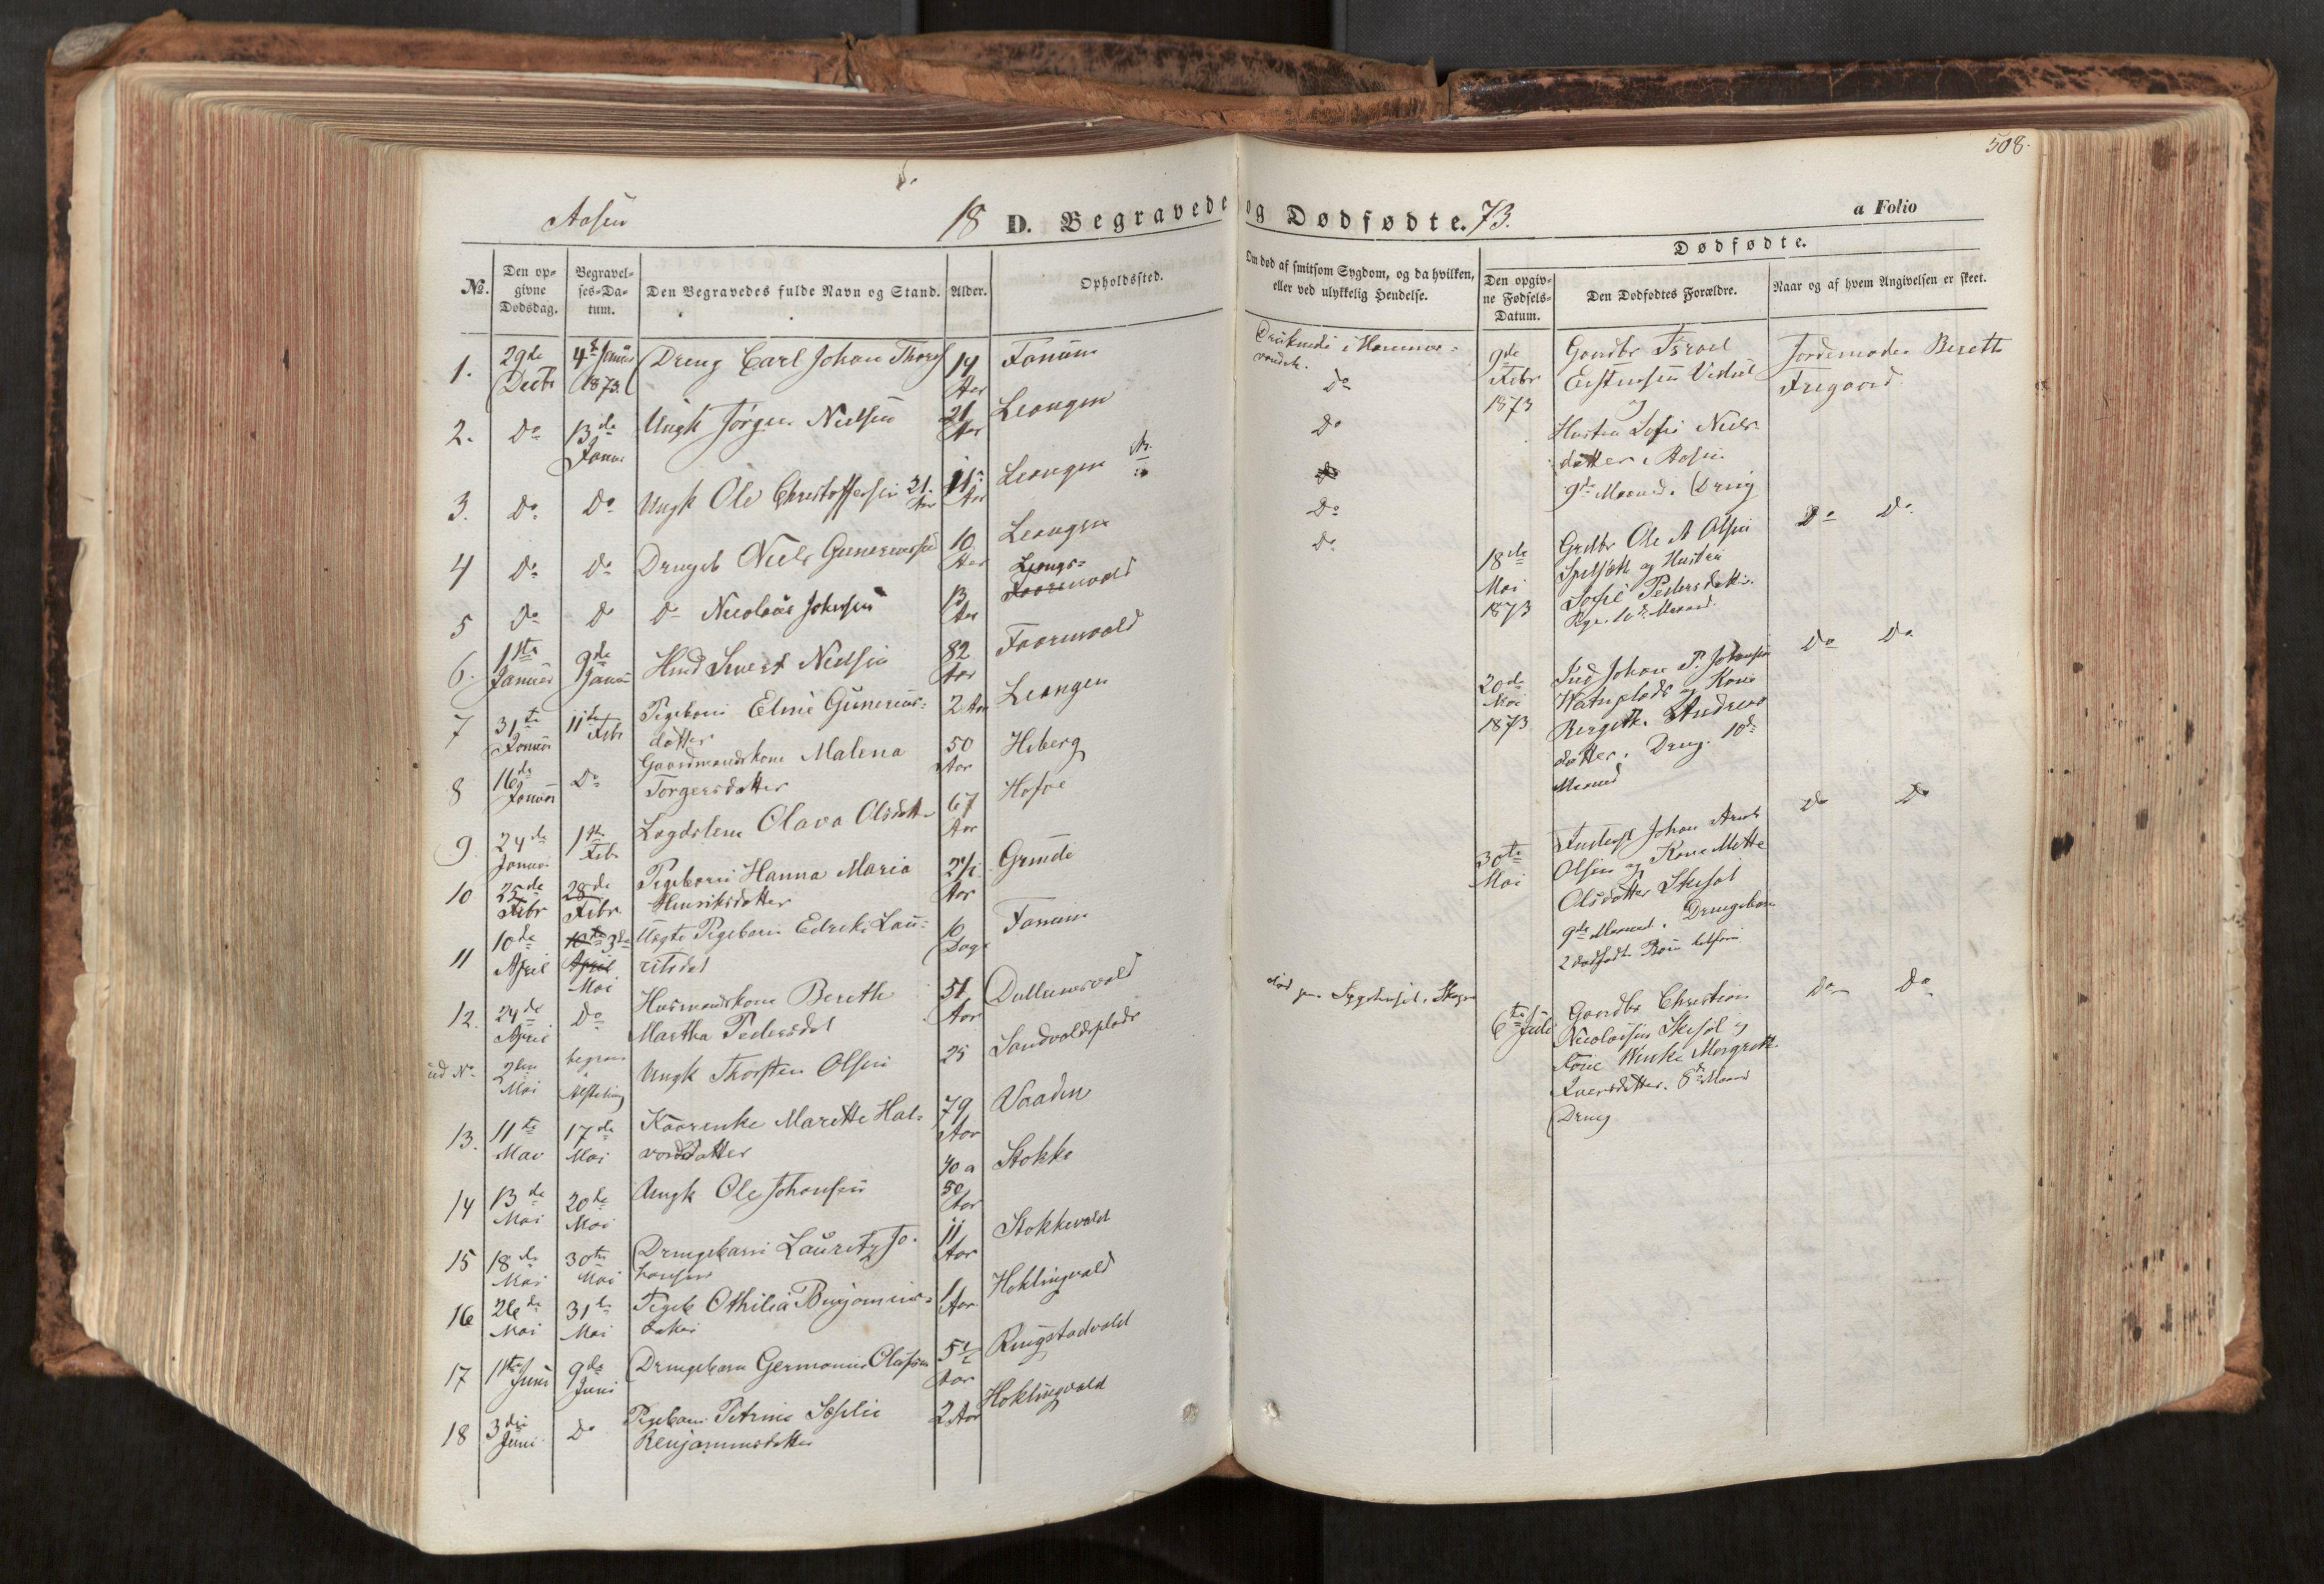 SAT, Ministerialprotokoller, klokkerbøker og fødselsregistre - Nord-Trøndelag, 713/L0116: Ministerialbok nr. 713A07, 1850-1877, s. 508